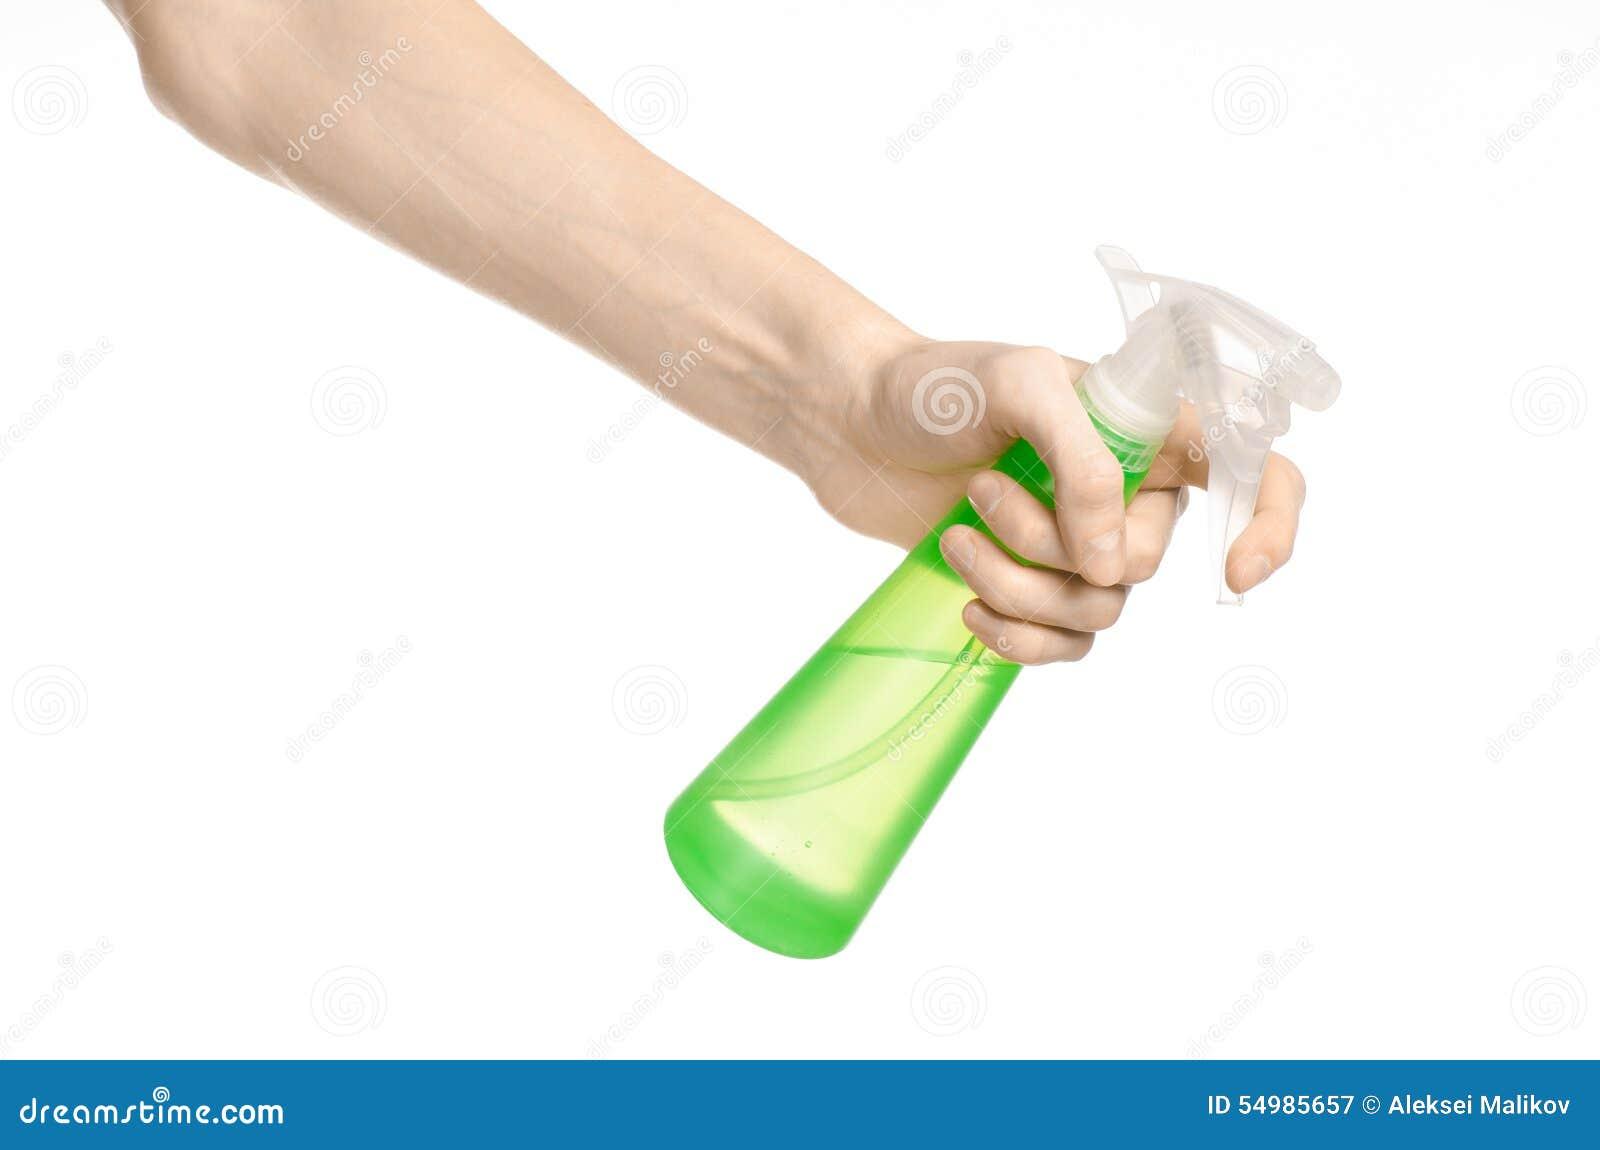 Limpieza del tema de la casa y del limpiador: la mano del hombre que sostiene una botella verde del espray para limpiar aislada e